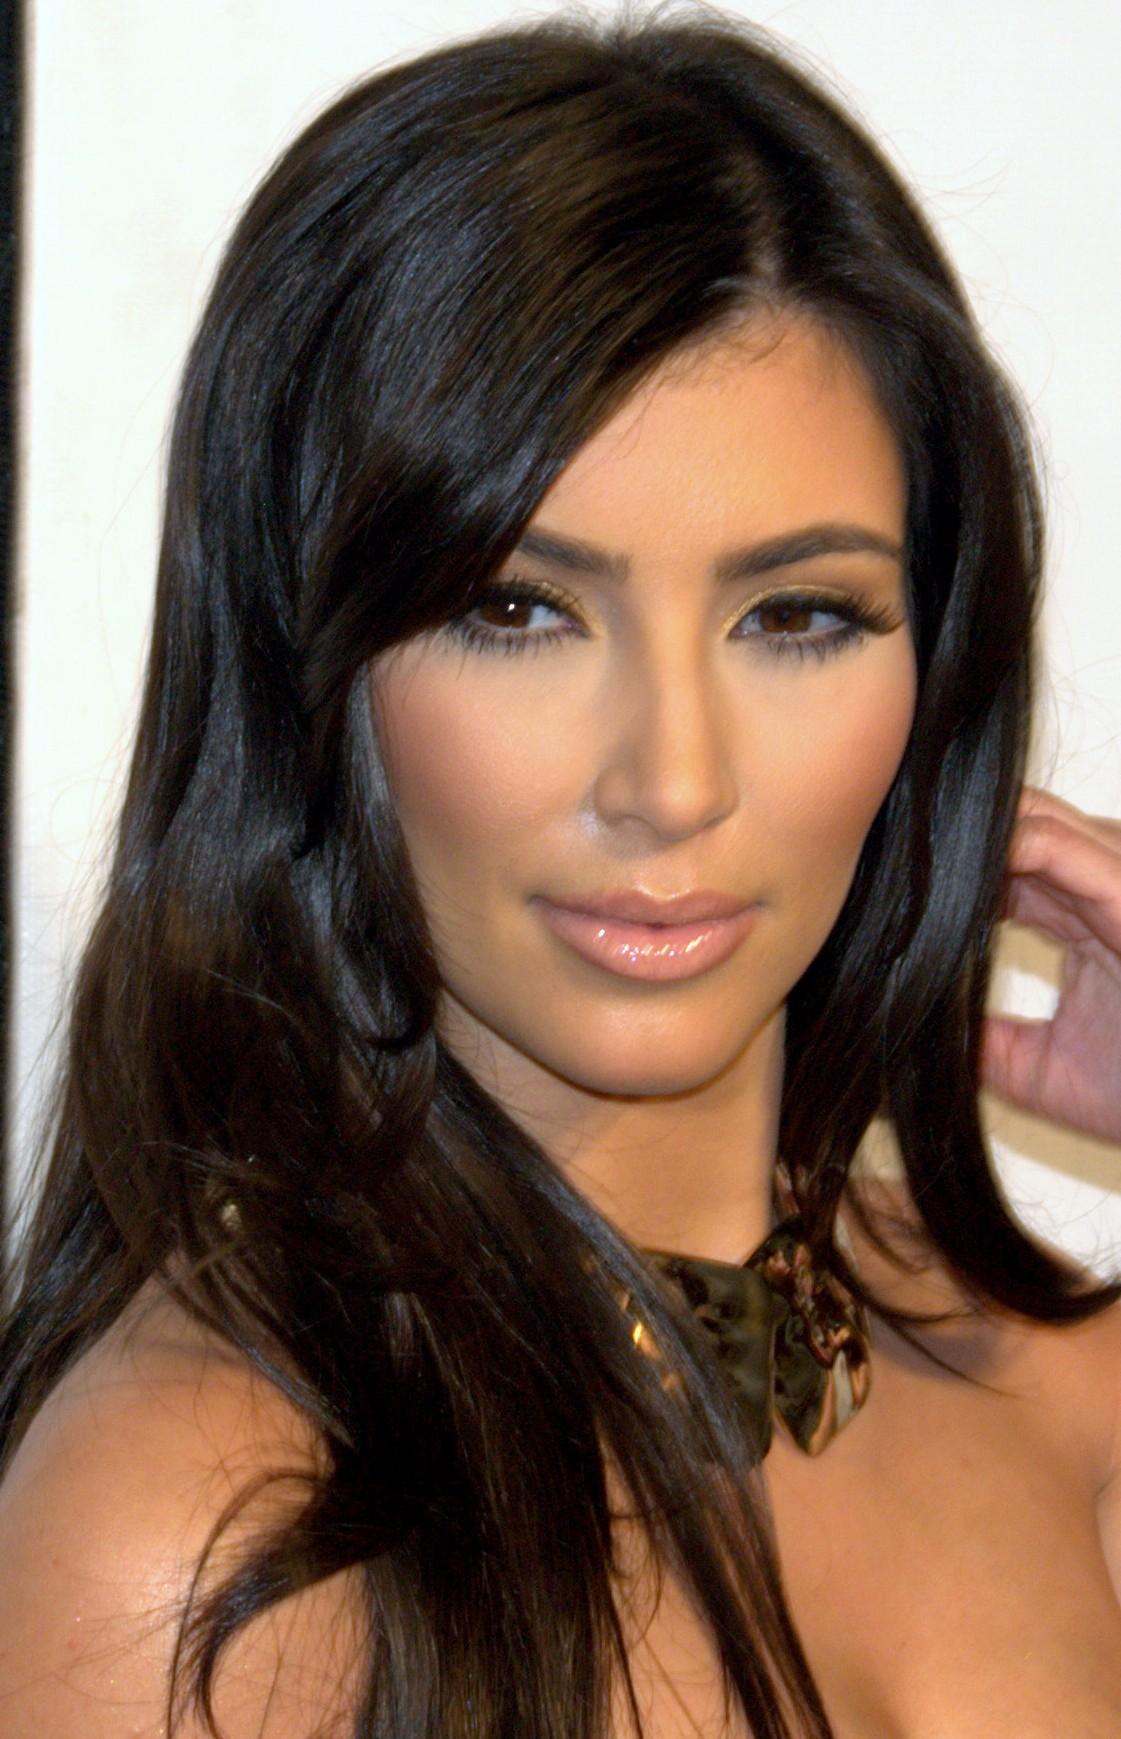 filkim kardashian tribeca portrait 2009 croppedjpg